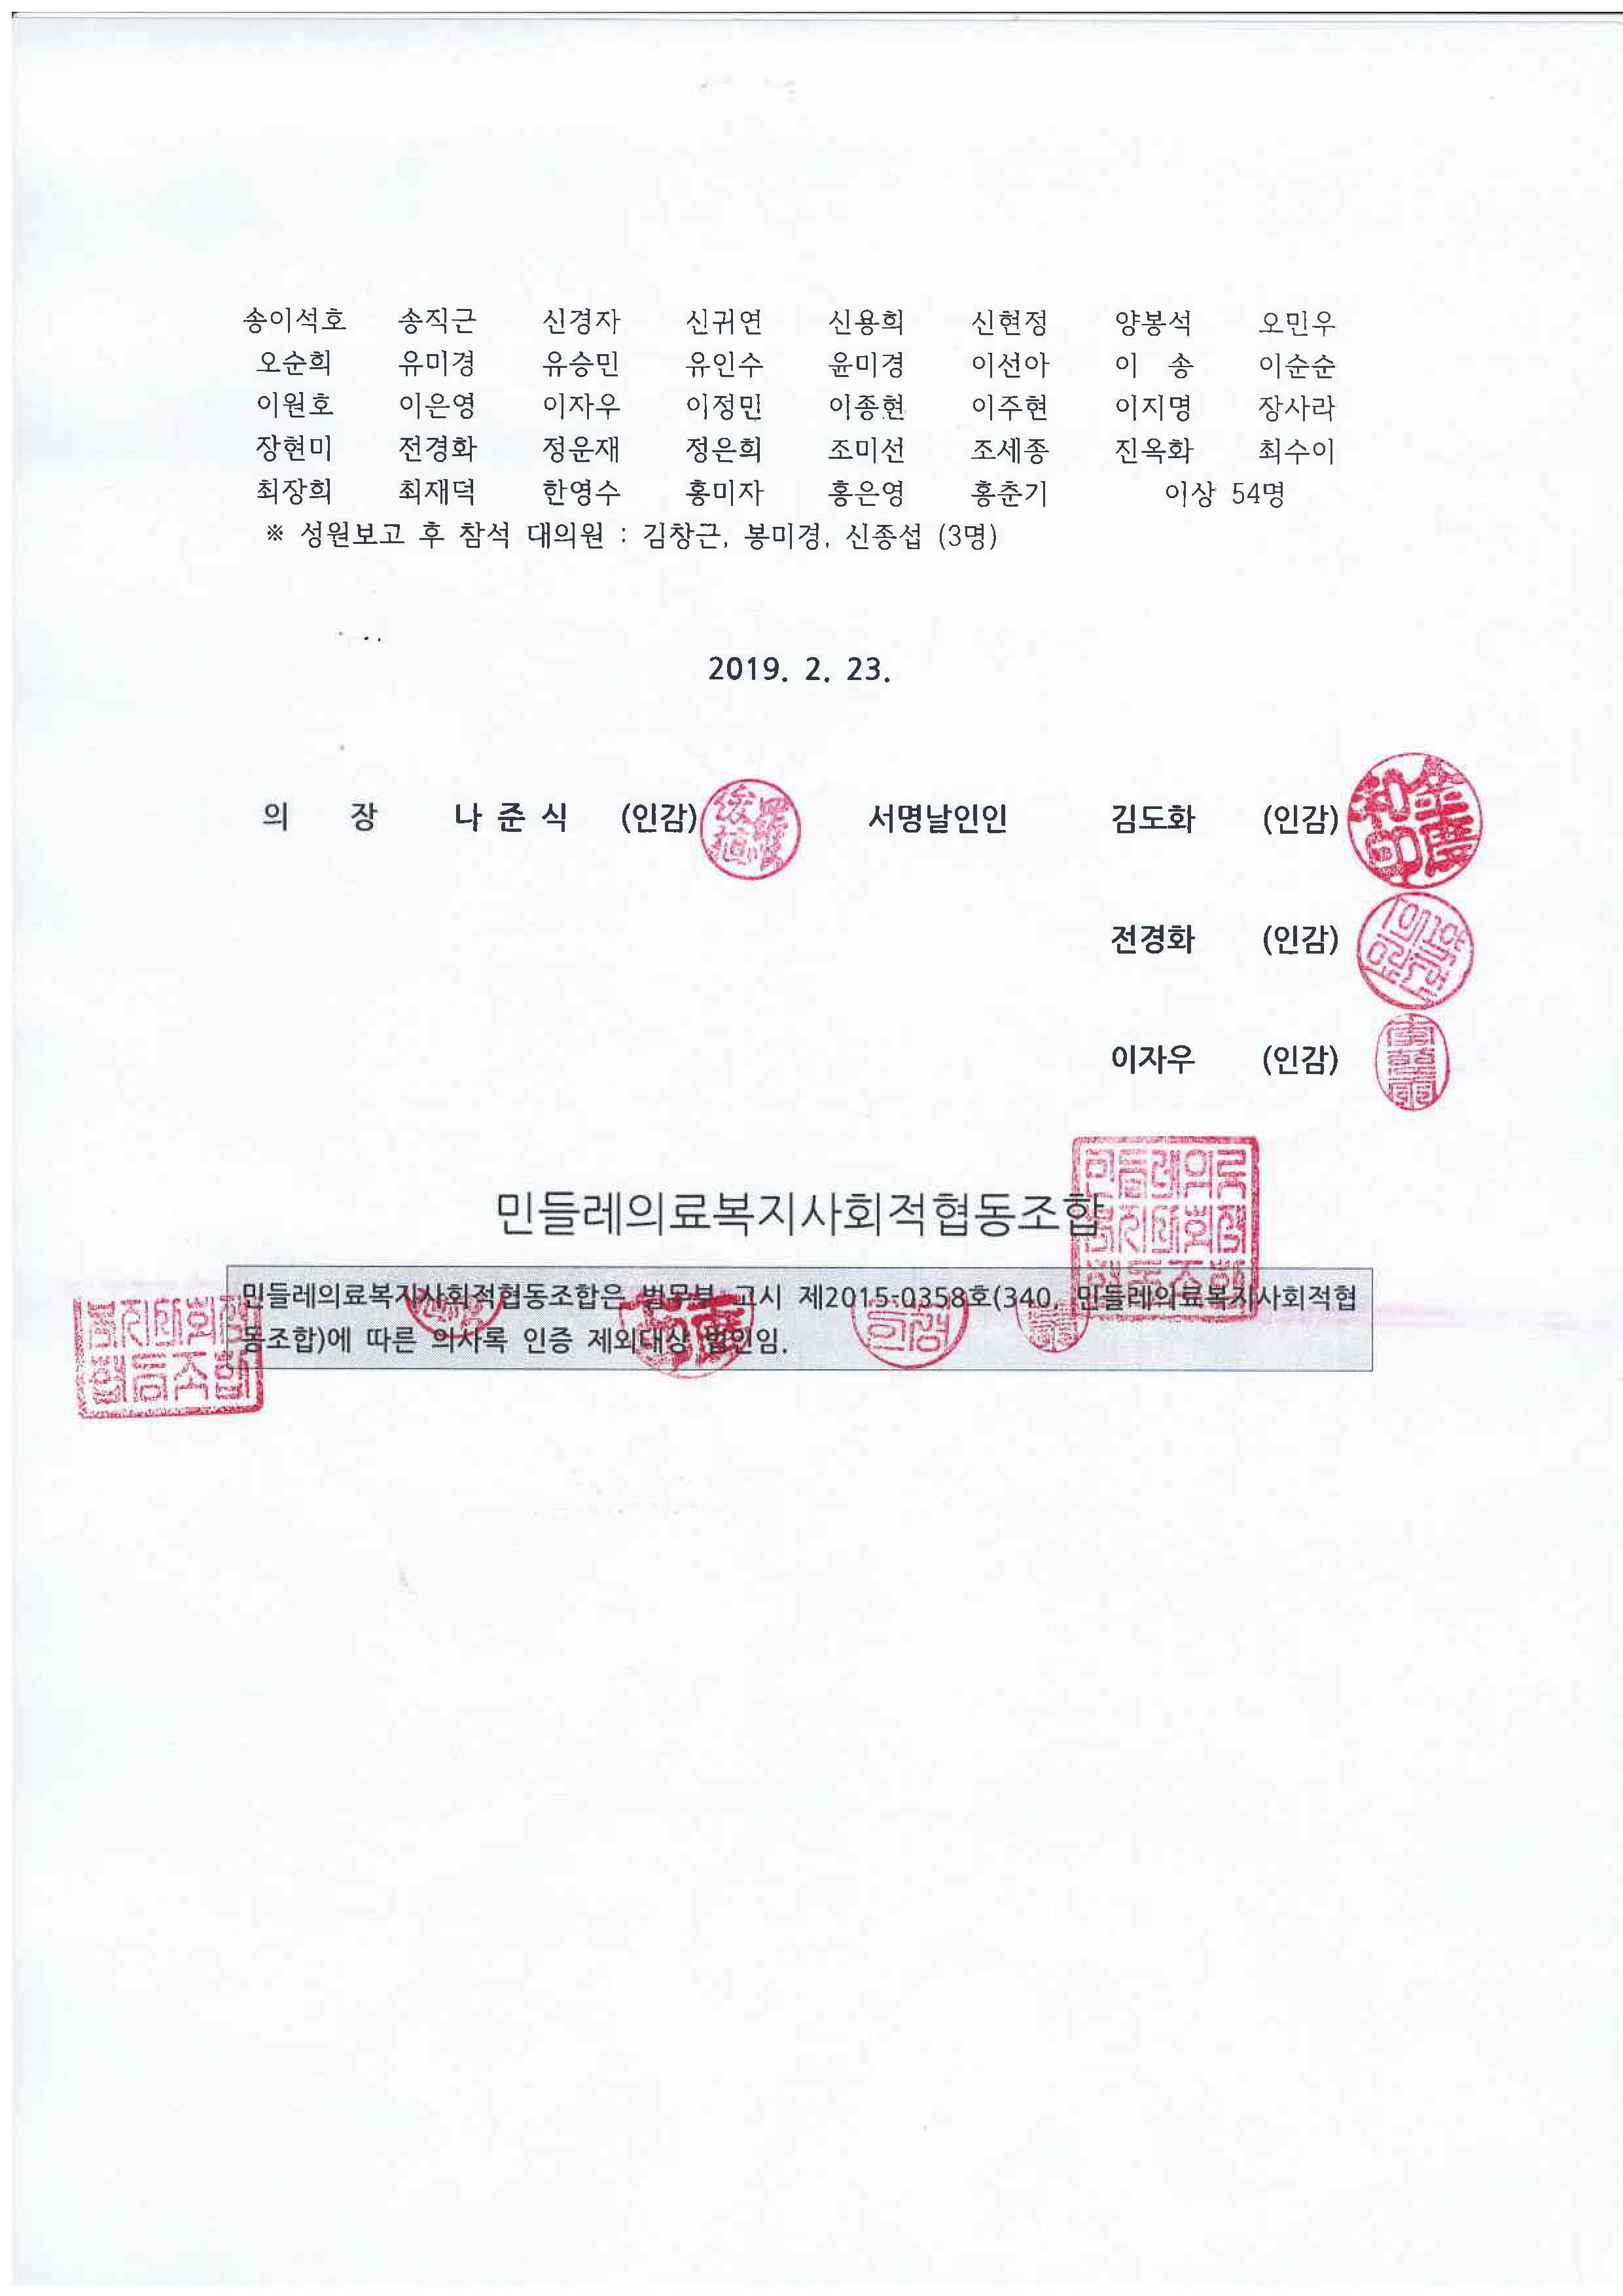 통합20차 정기총회의사록_페이지_14.jpg